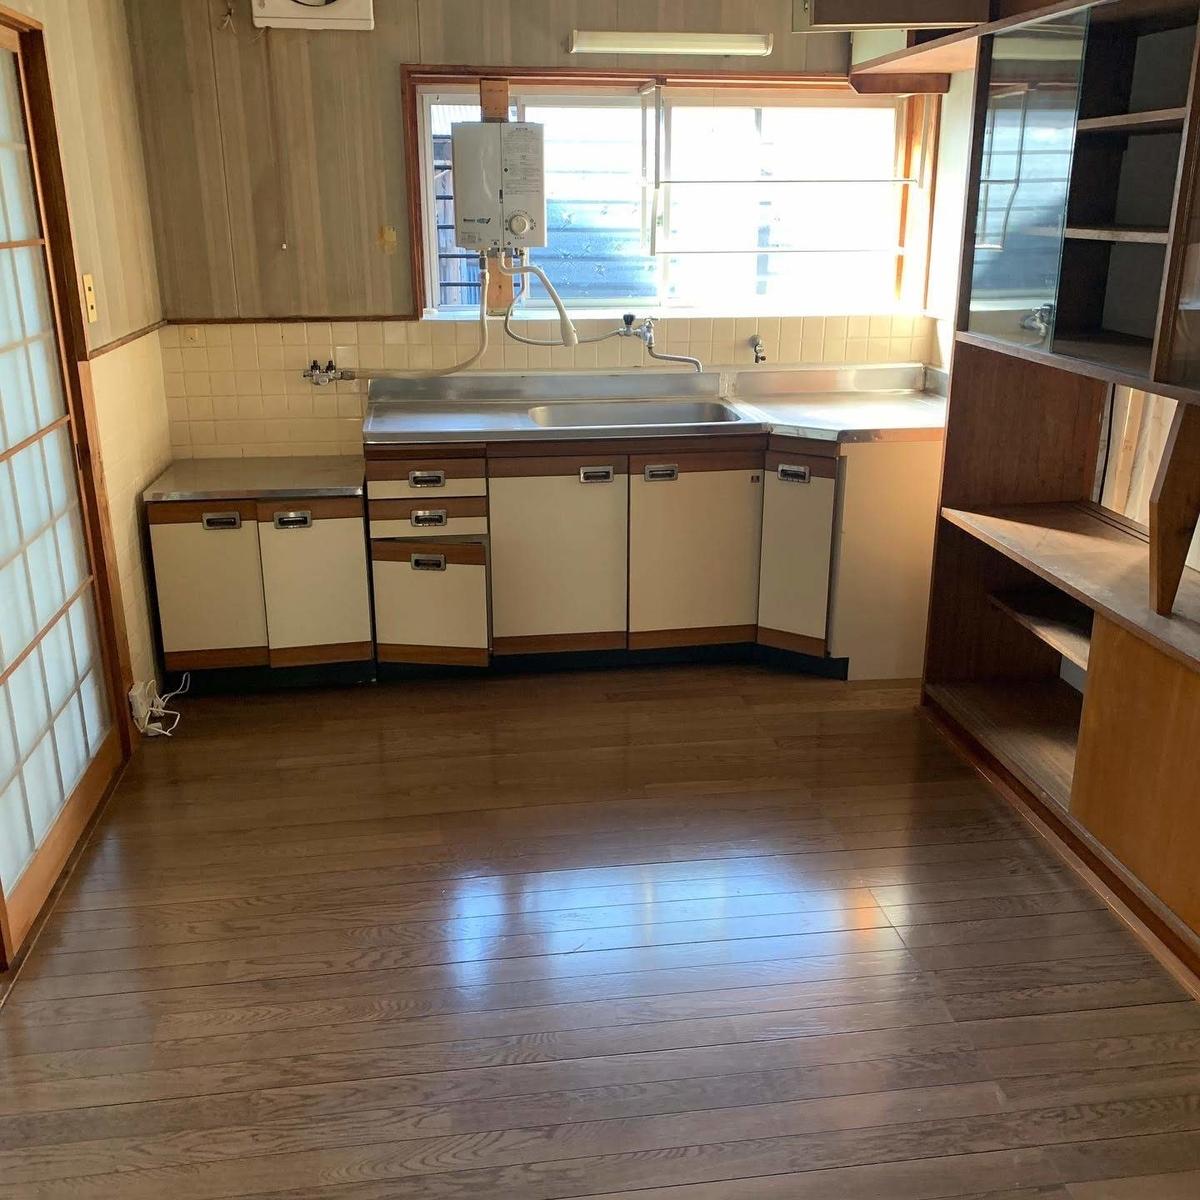 f:id:umisuki-ikka:20191207130555j:plain